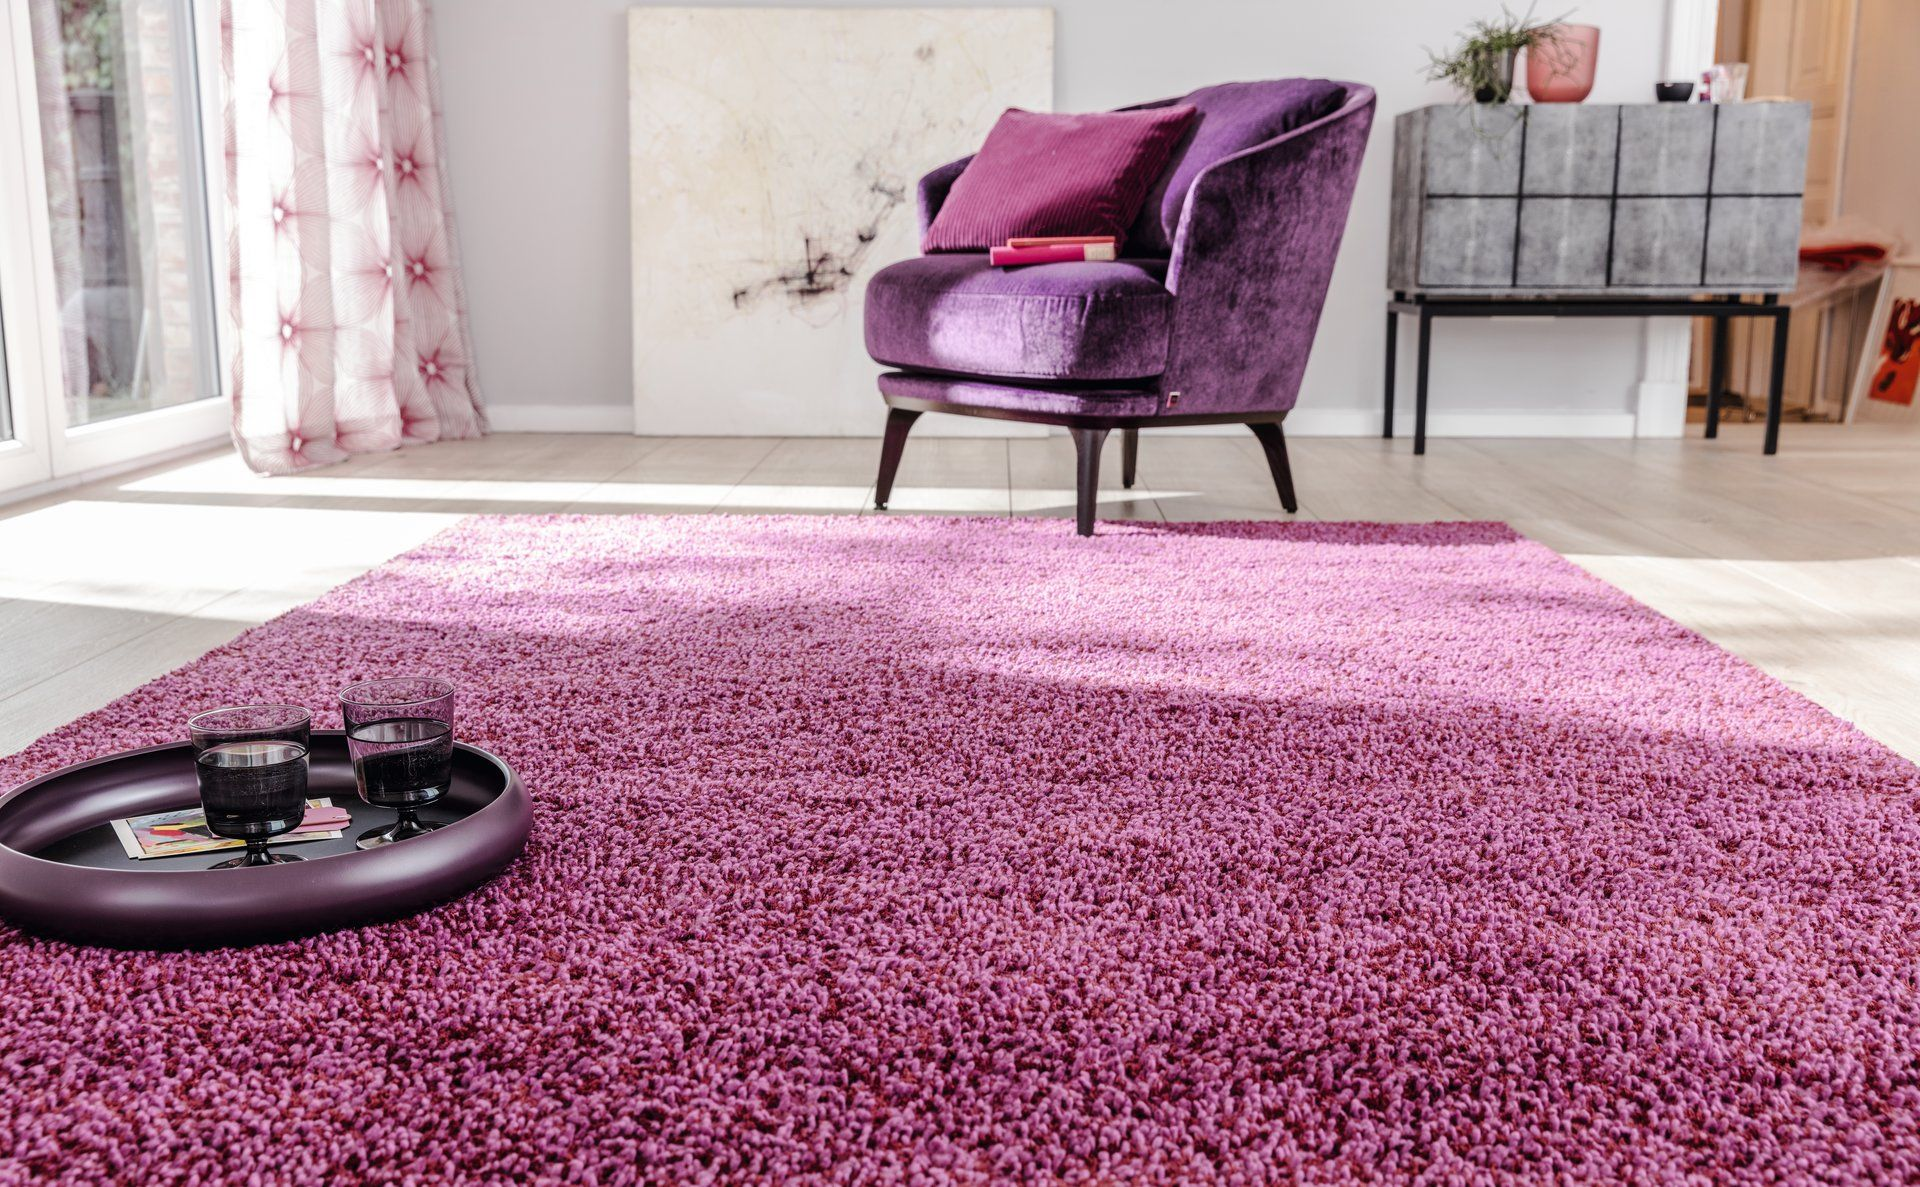 Teppiche sind langweilig? Ganz sicher nicht in bunten